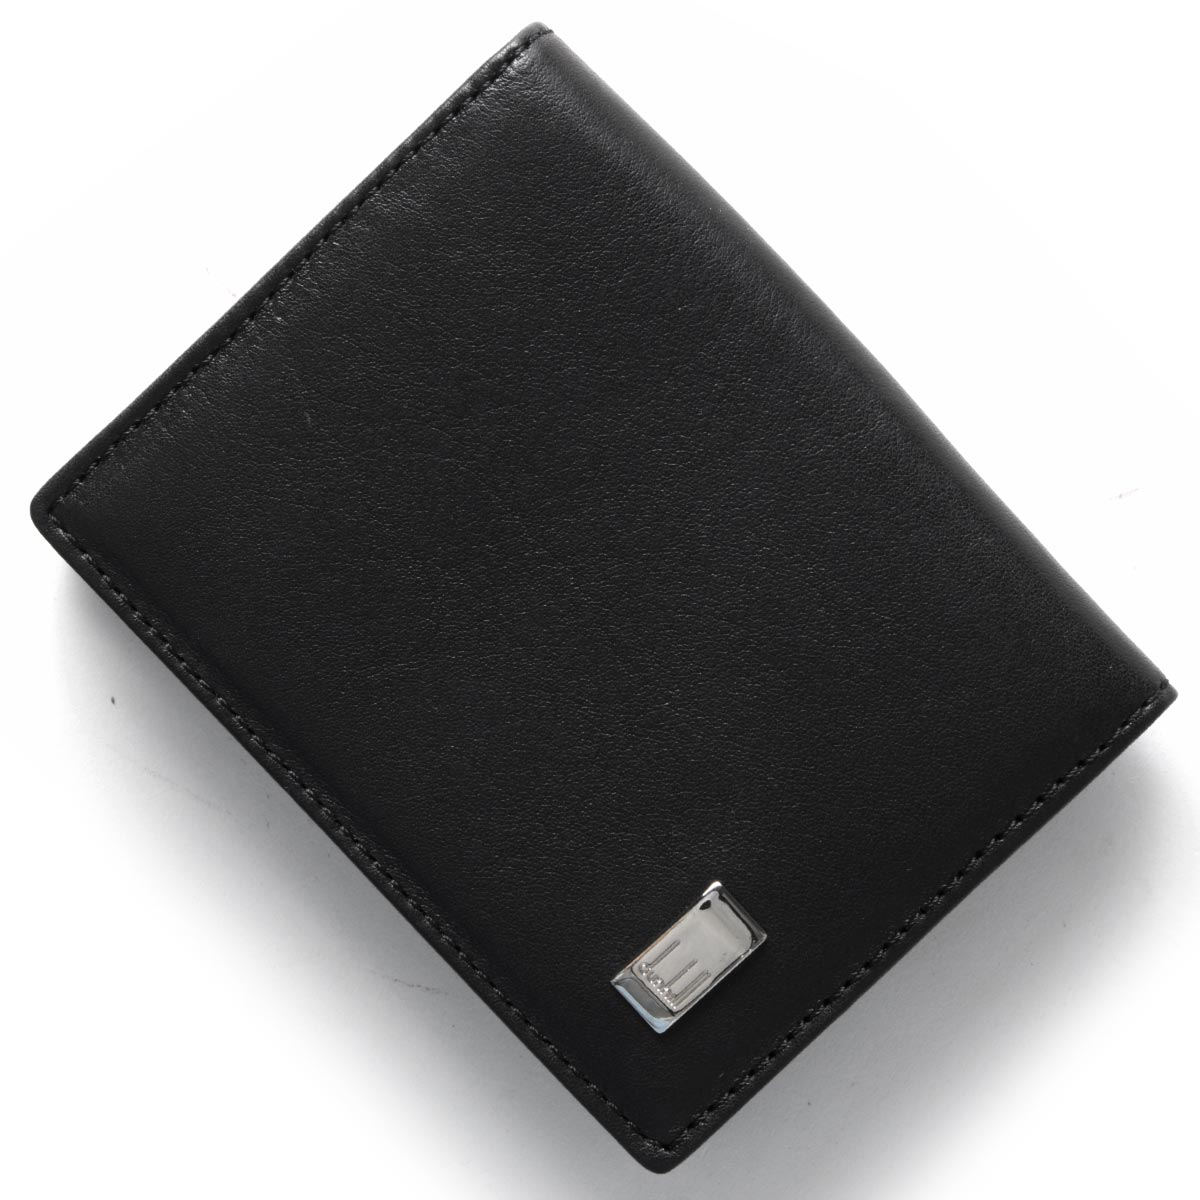 ダンヒル コインケース【小銭入れ】 財布 メンズ サイドカー SIDECAR ブラック QD8000 A DUNHILL